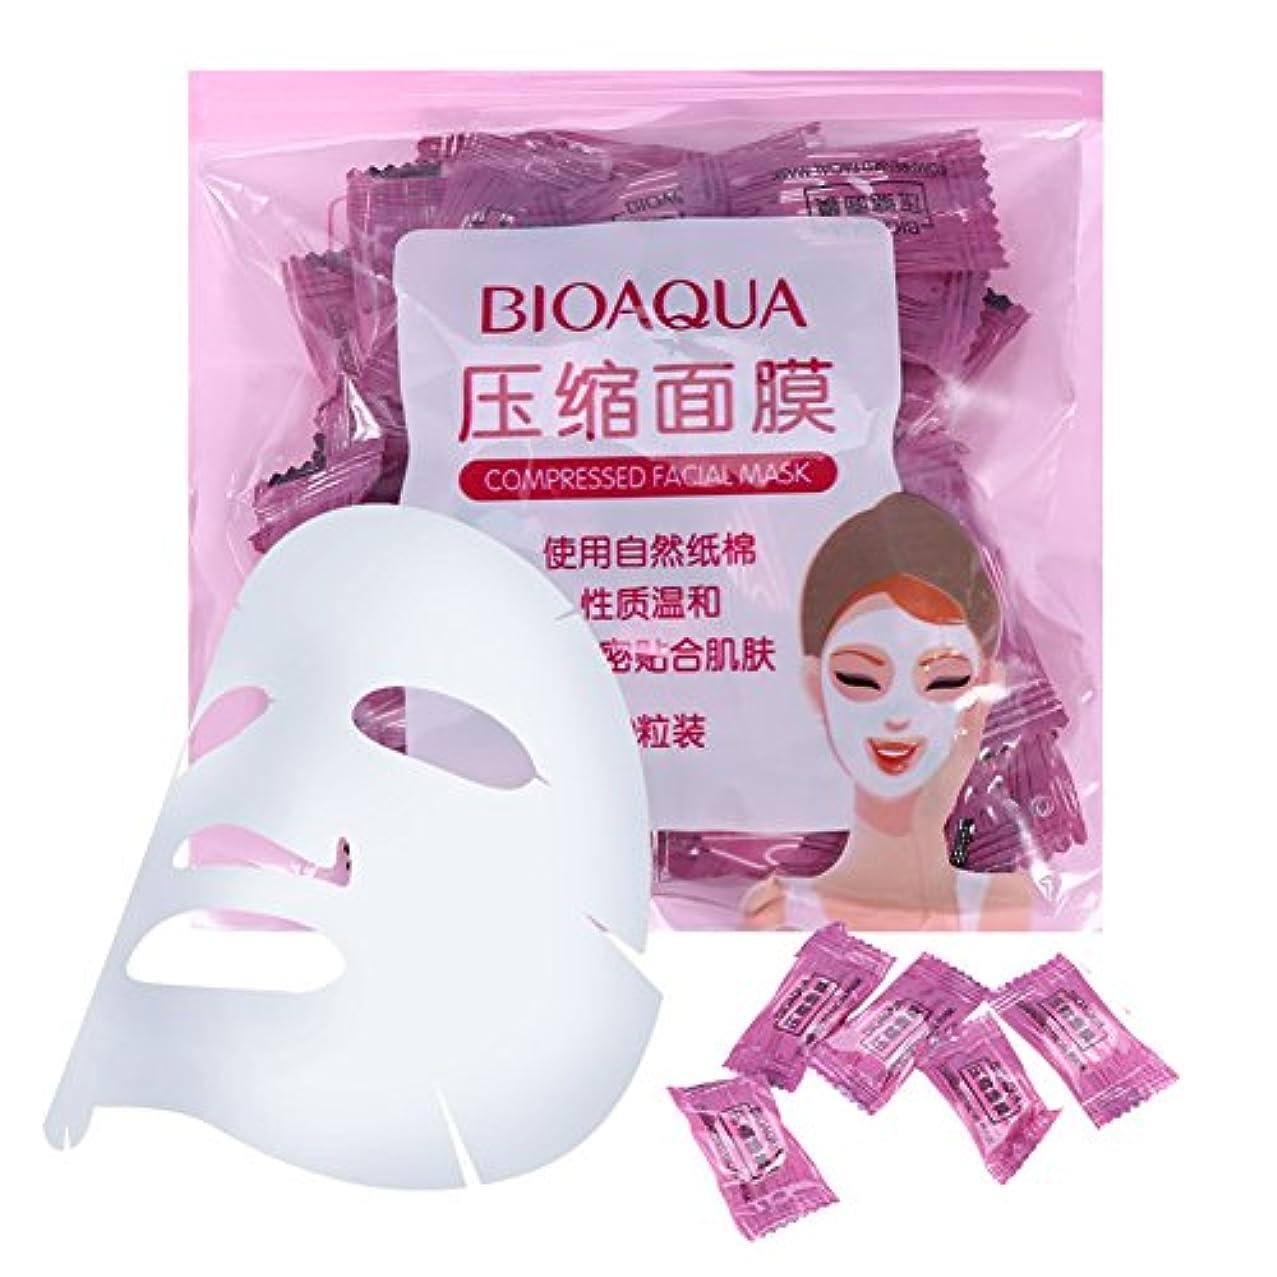 つかいますマントルにぎやかスキンケア 50個/パックナチュラル 不織布 圧縮 フェイスマスク DIYフェイシャルマスク